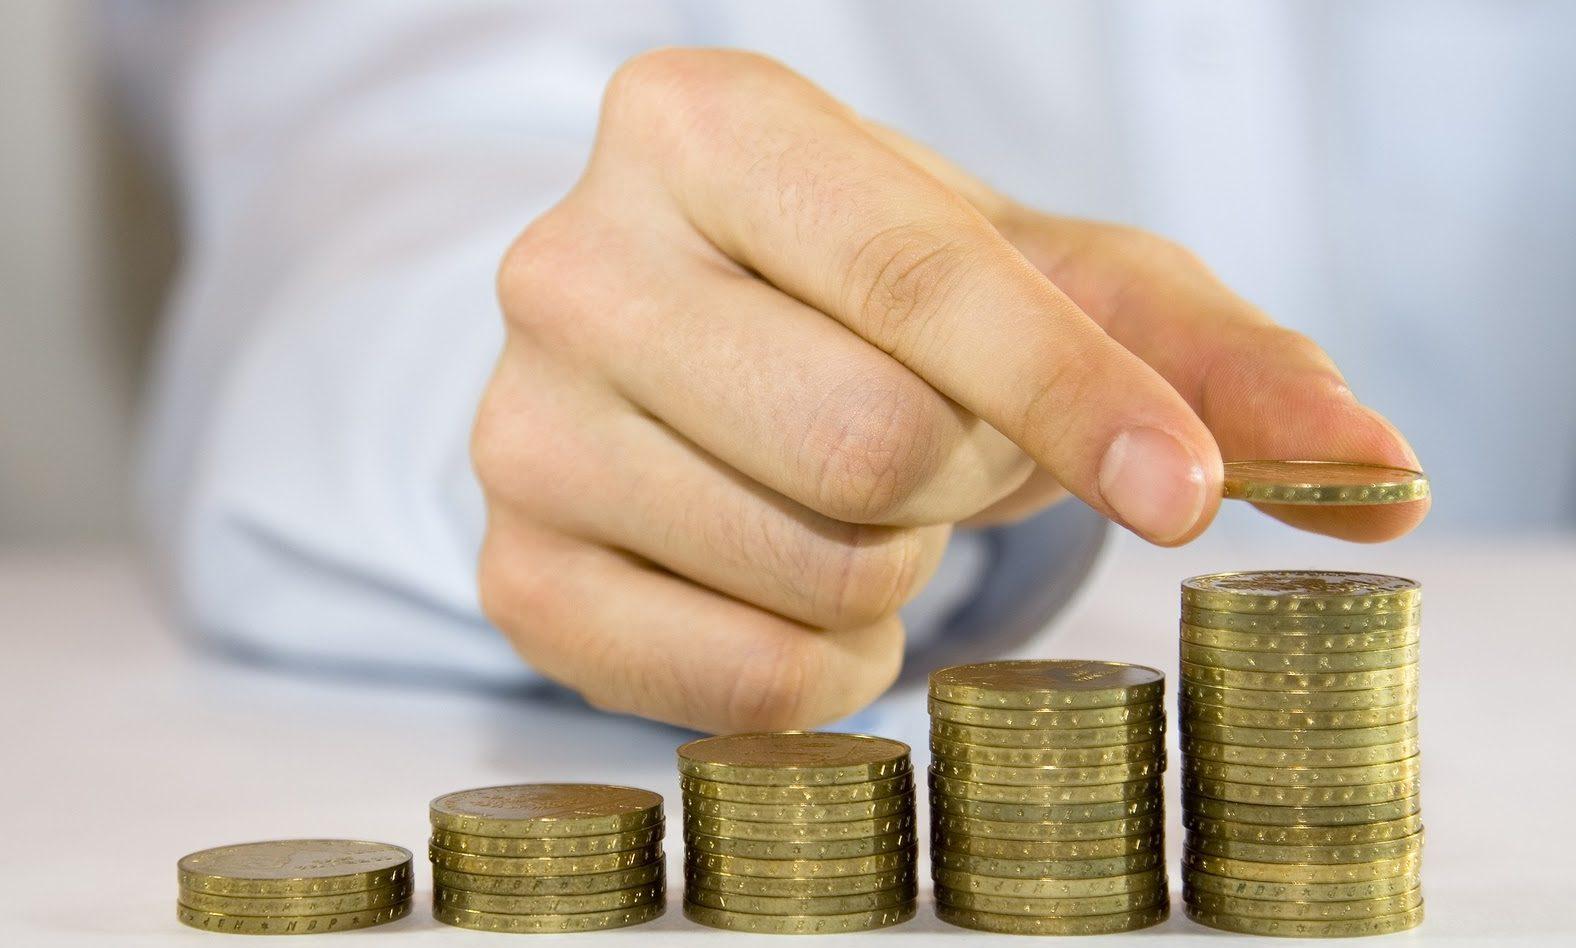 hogyan lehet pénzt készpénzben keresni)